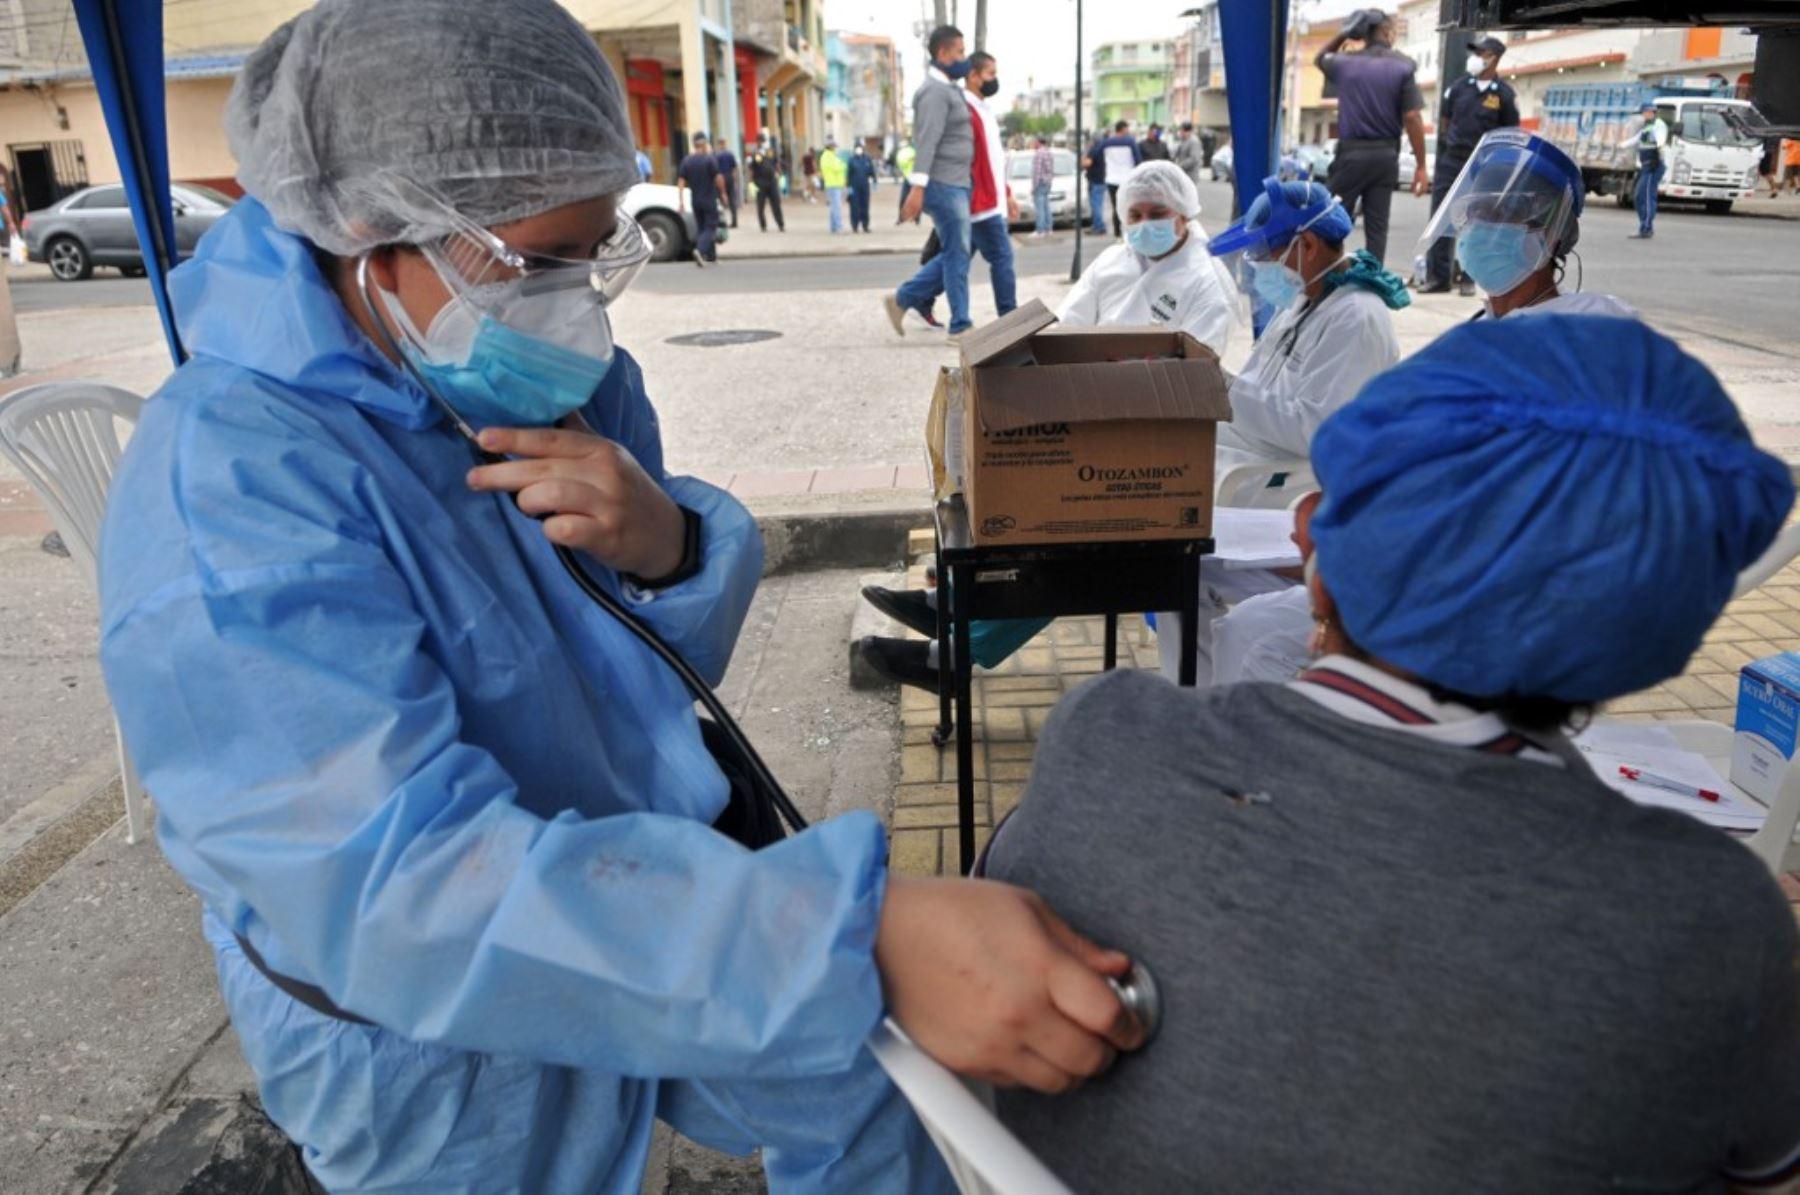 Un grupo de médicos de la Alcaldía de Guayaquil atiende a personas con problemas respiratorios en una carpa especial instalada en una calle de la ciudad. Foto: AFPl